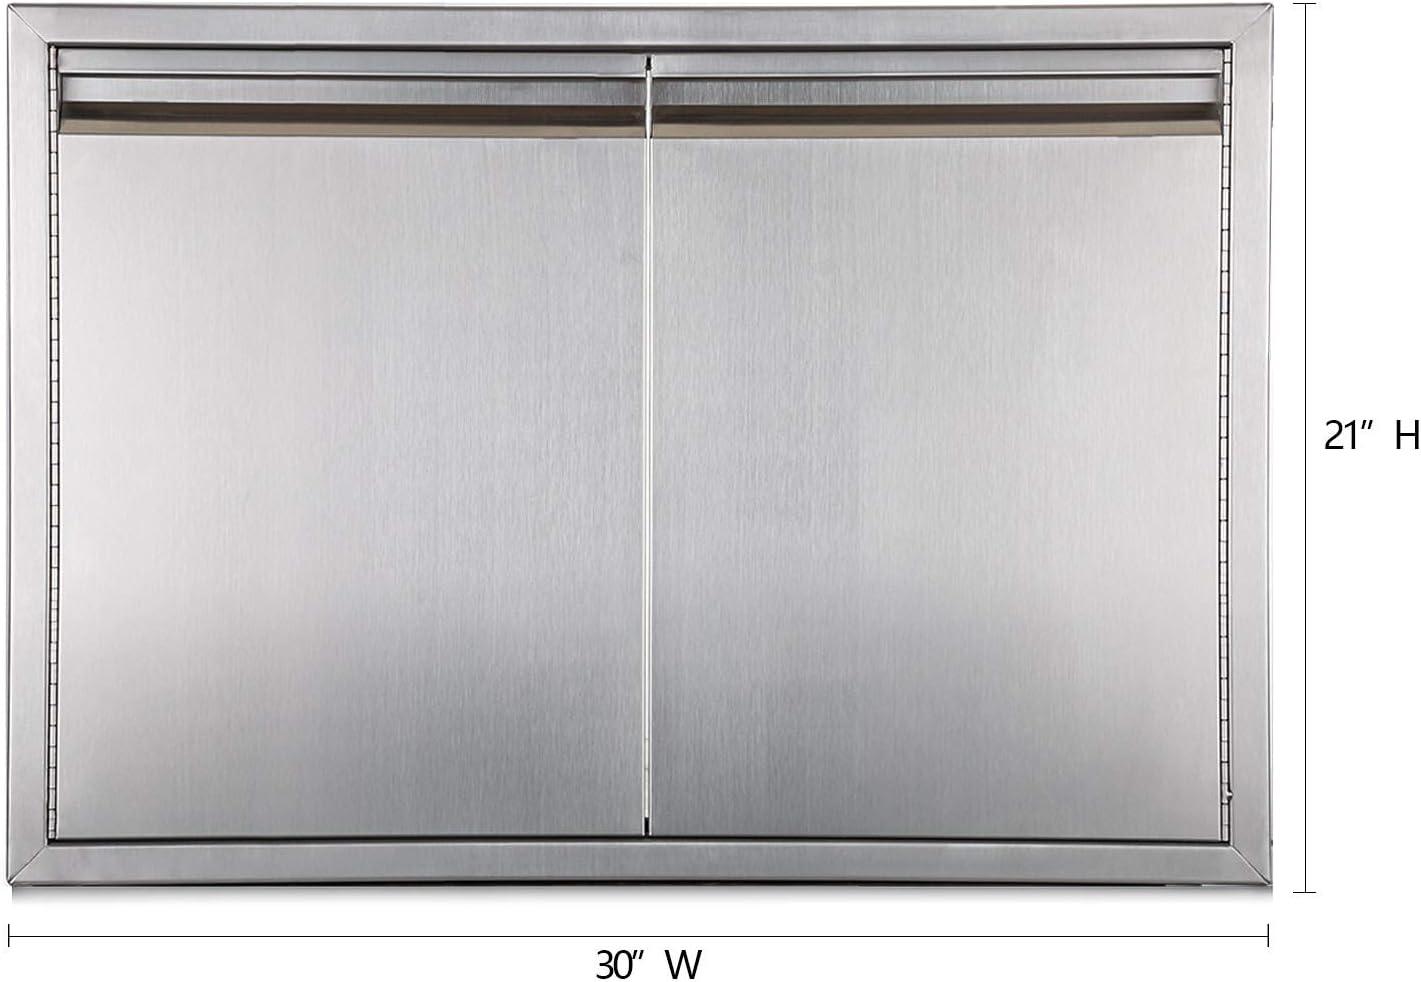 Outdoor Kitchen Door 18W x 21H inch Double Wall Door Panel Stainless Steel BBQ Single Door Flush Mount for Outdoor Kitchen Island w//Left Swing